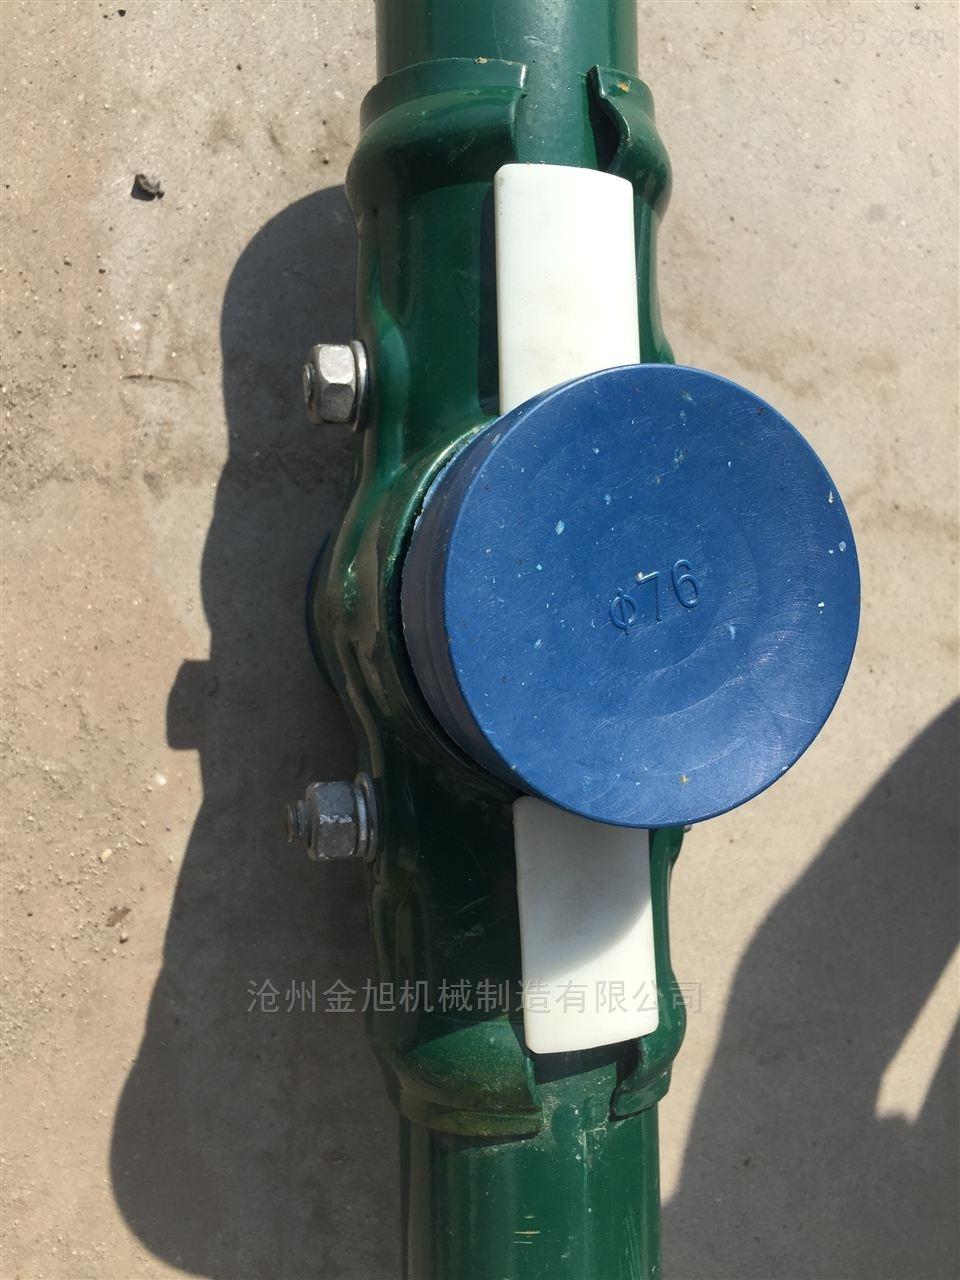 新兴铸管堵头邯郸专卖